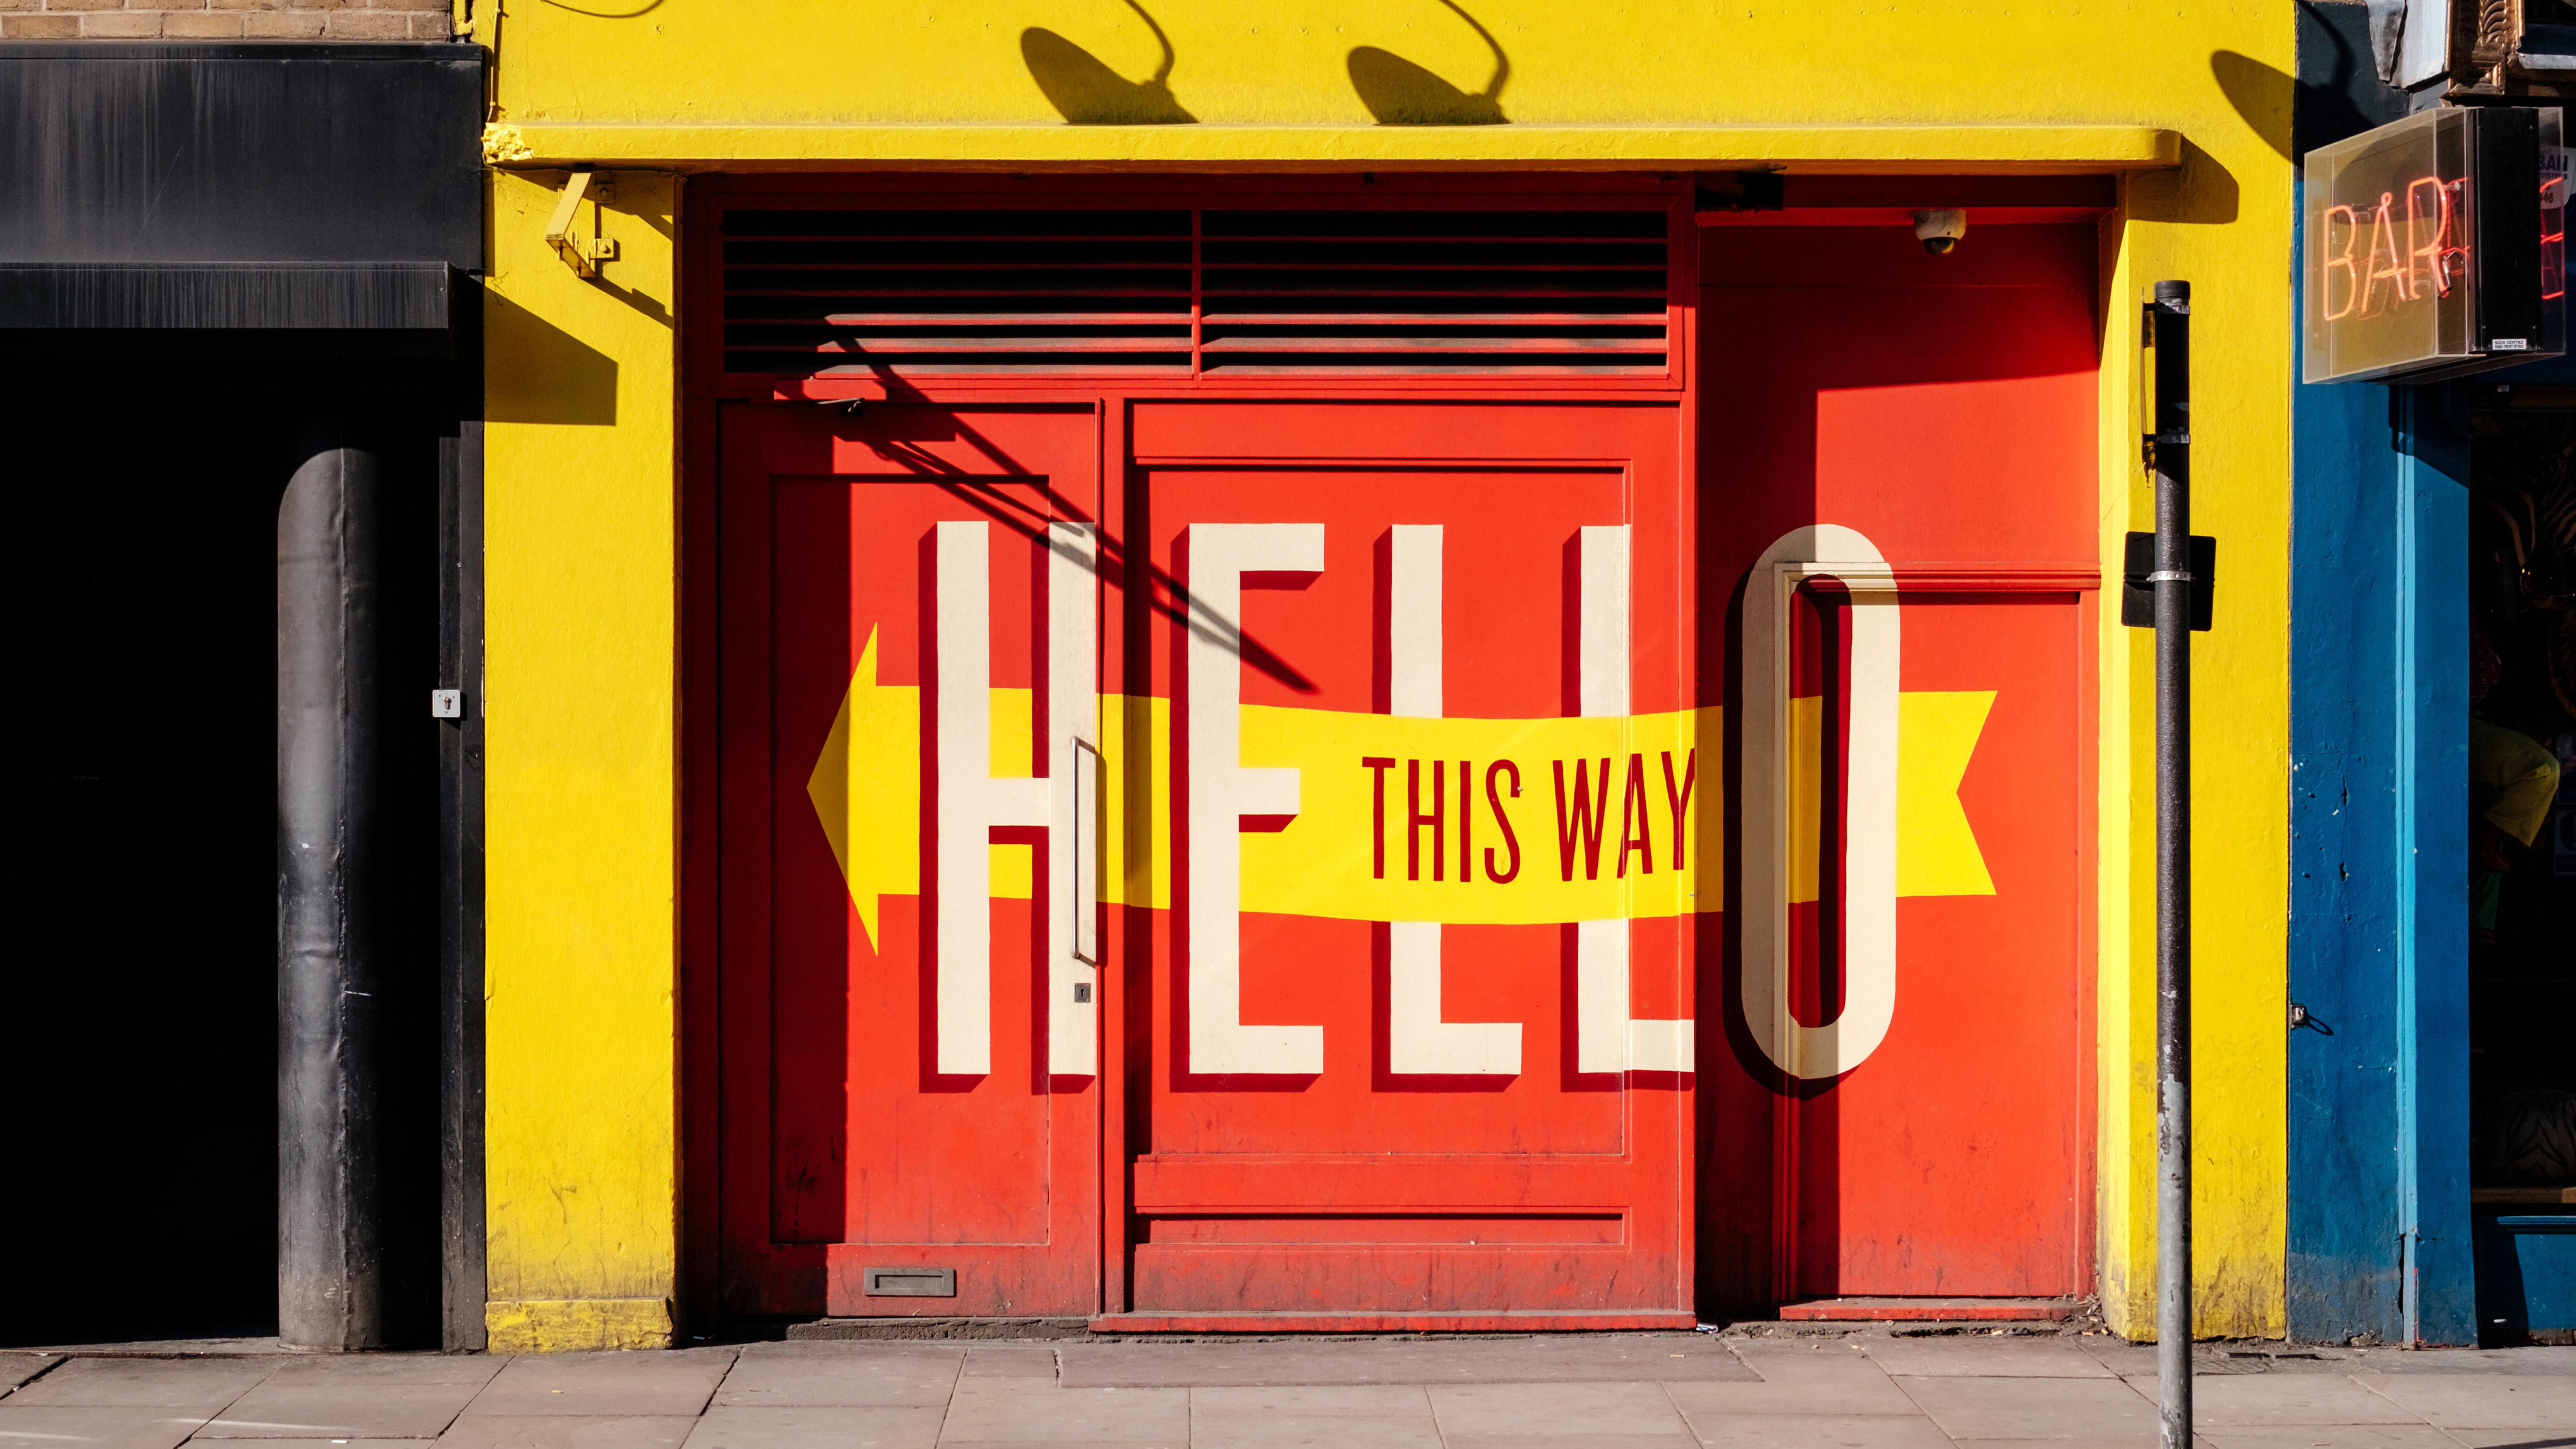 canva,street art, design